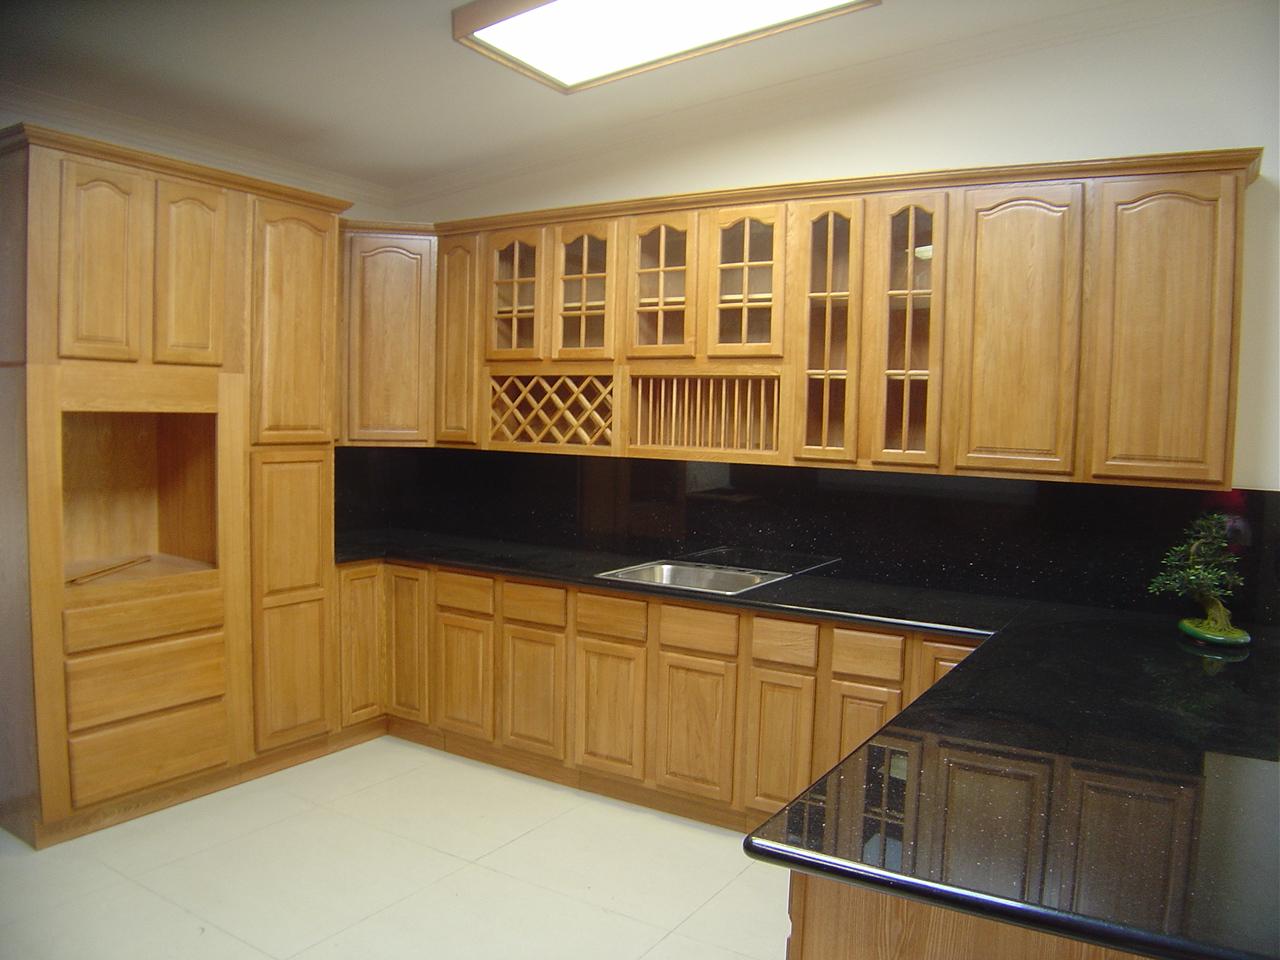 natural oak kitchen cabinets solid wood kitchen cabinetry kitchen cabinets kitchen cabinets design furniture